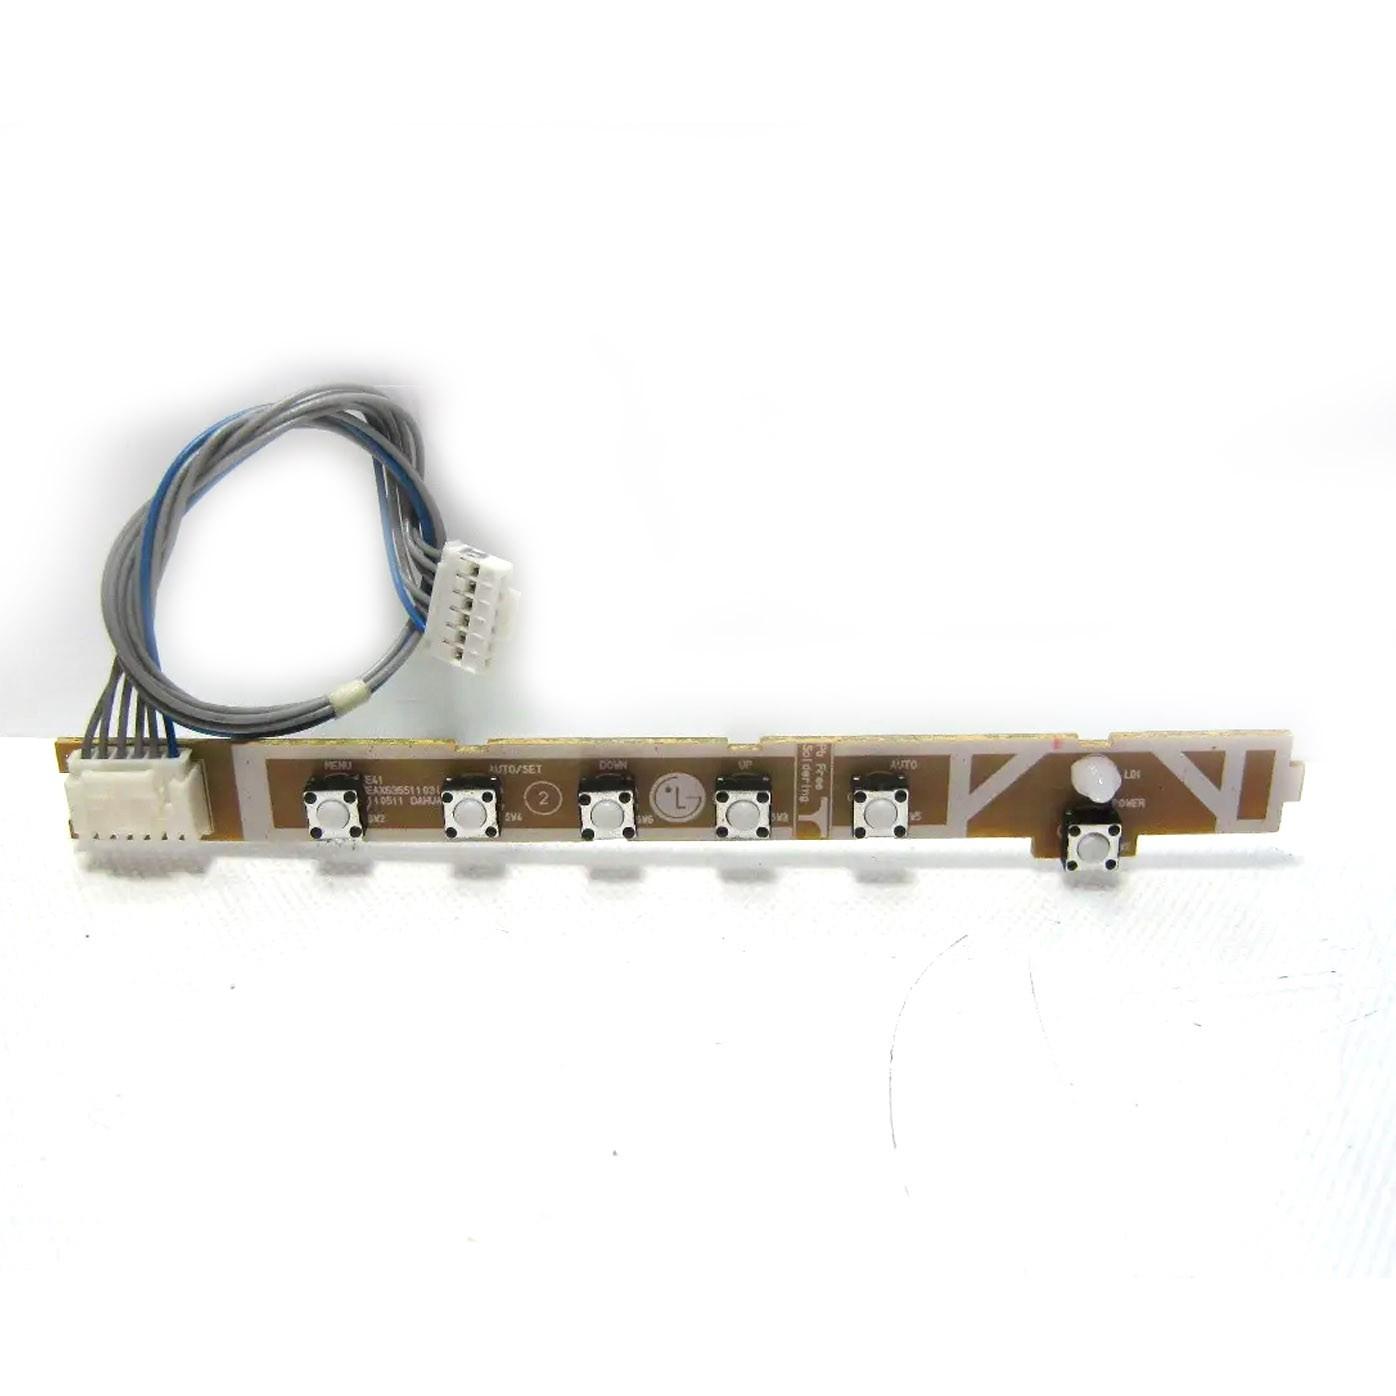 Placa Teclado Funções Monitor Hp E1941s PN: Eax63551103 - Retirado